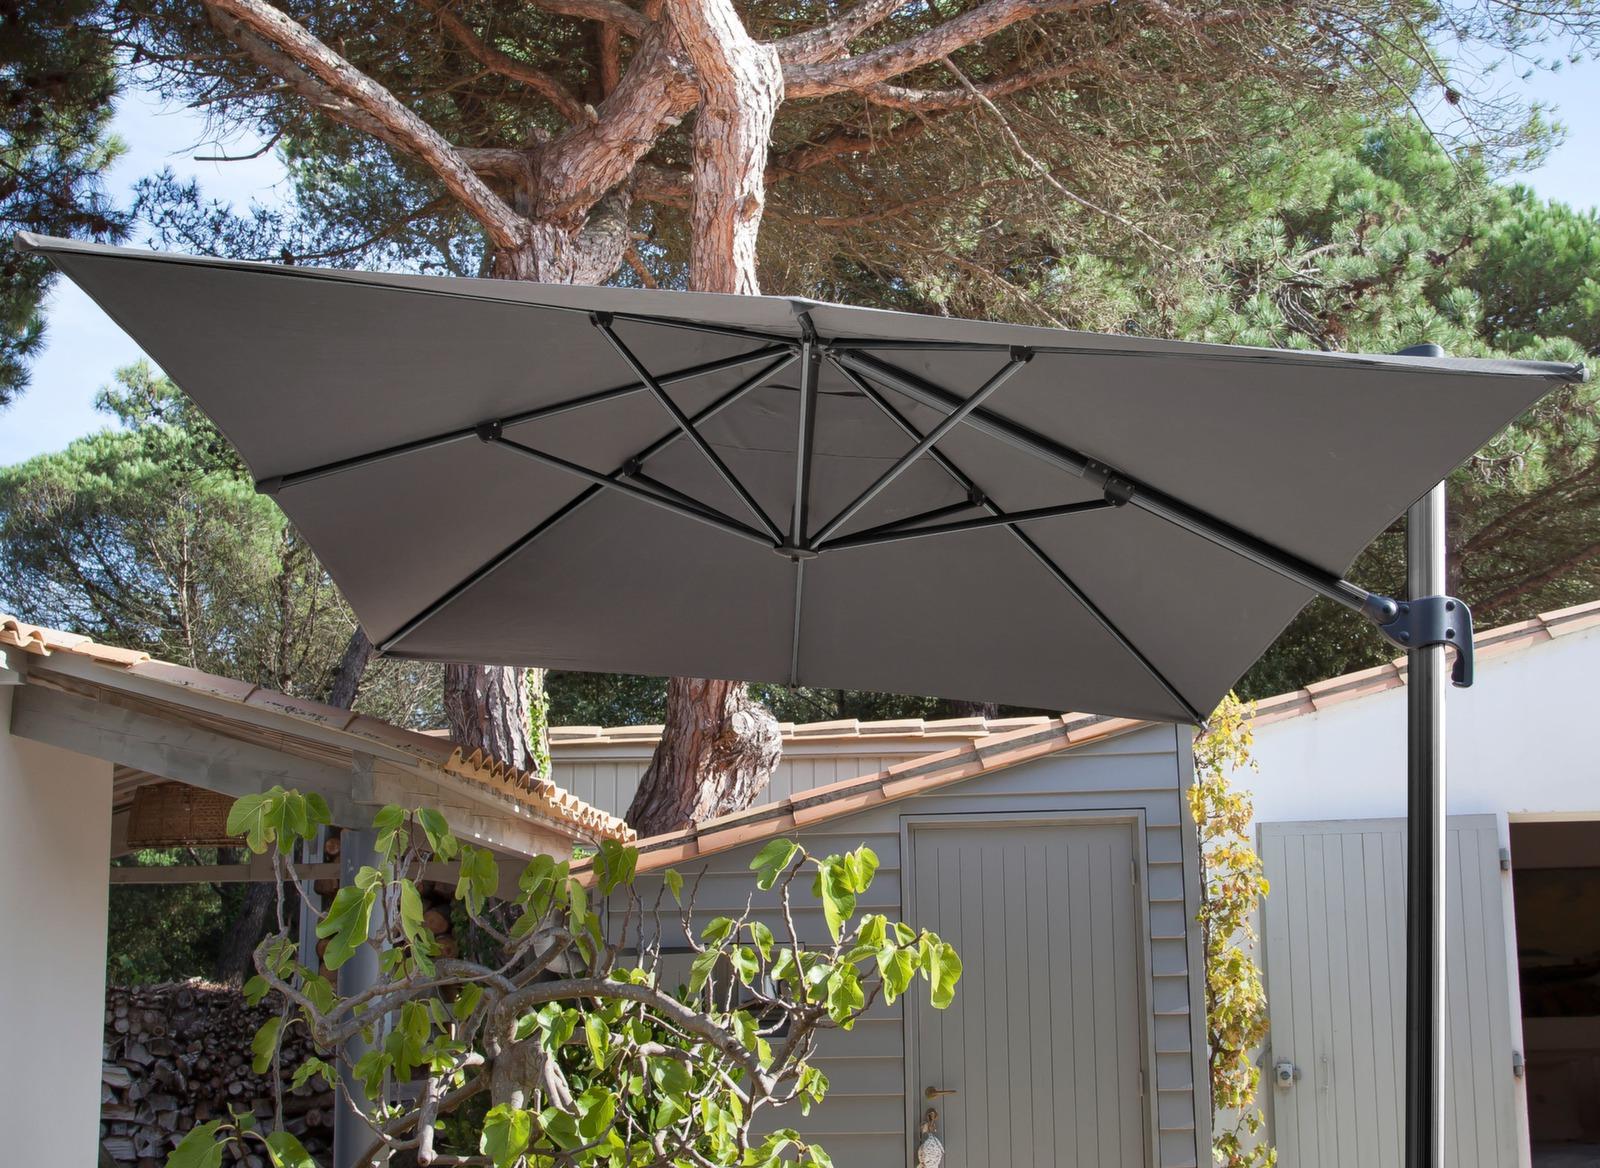 Toile grise pour parasol d port rectangle 3x4m proloisirs for Toile pour parasol deporte